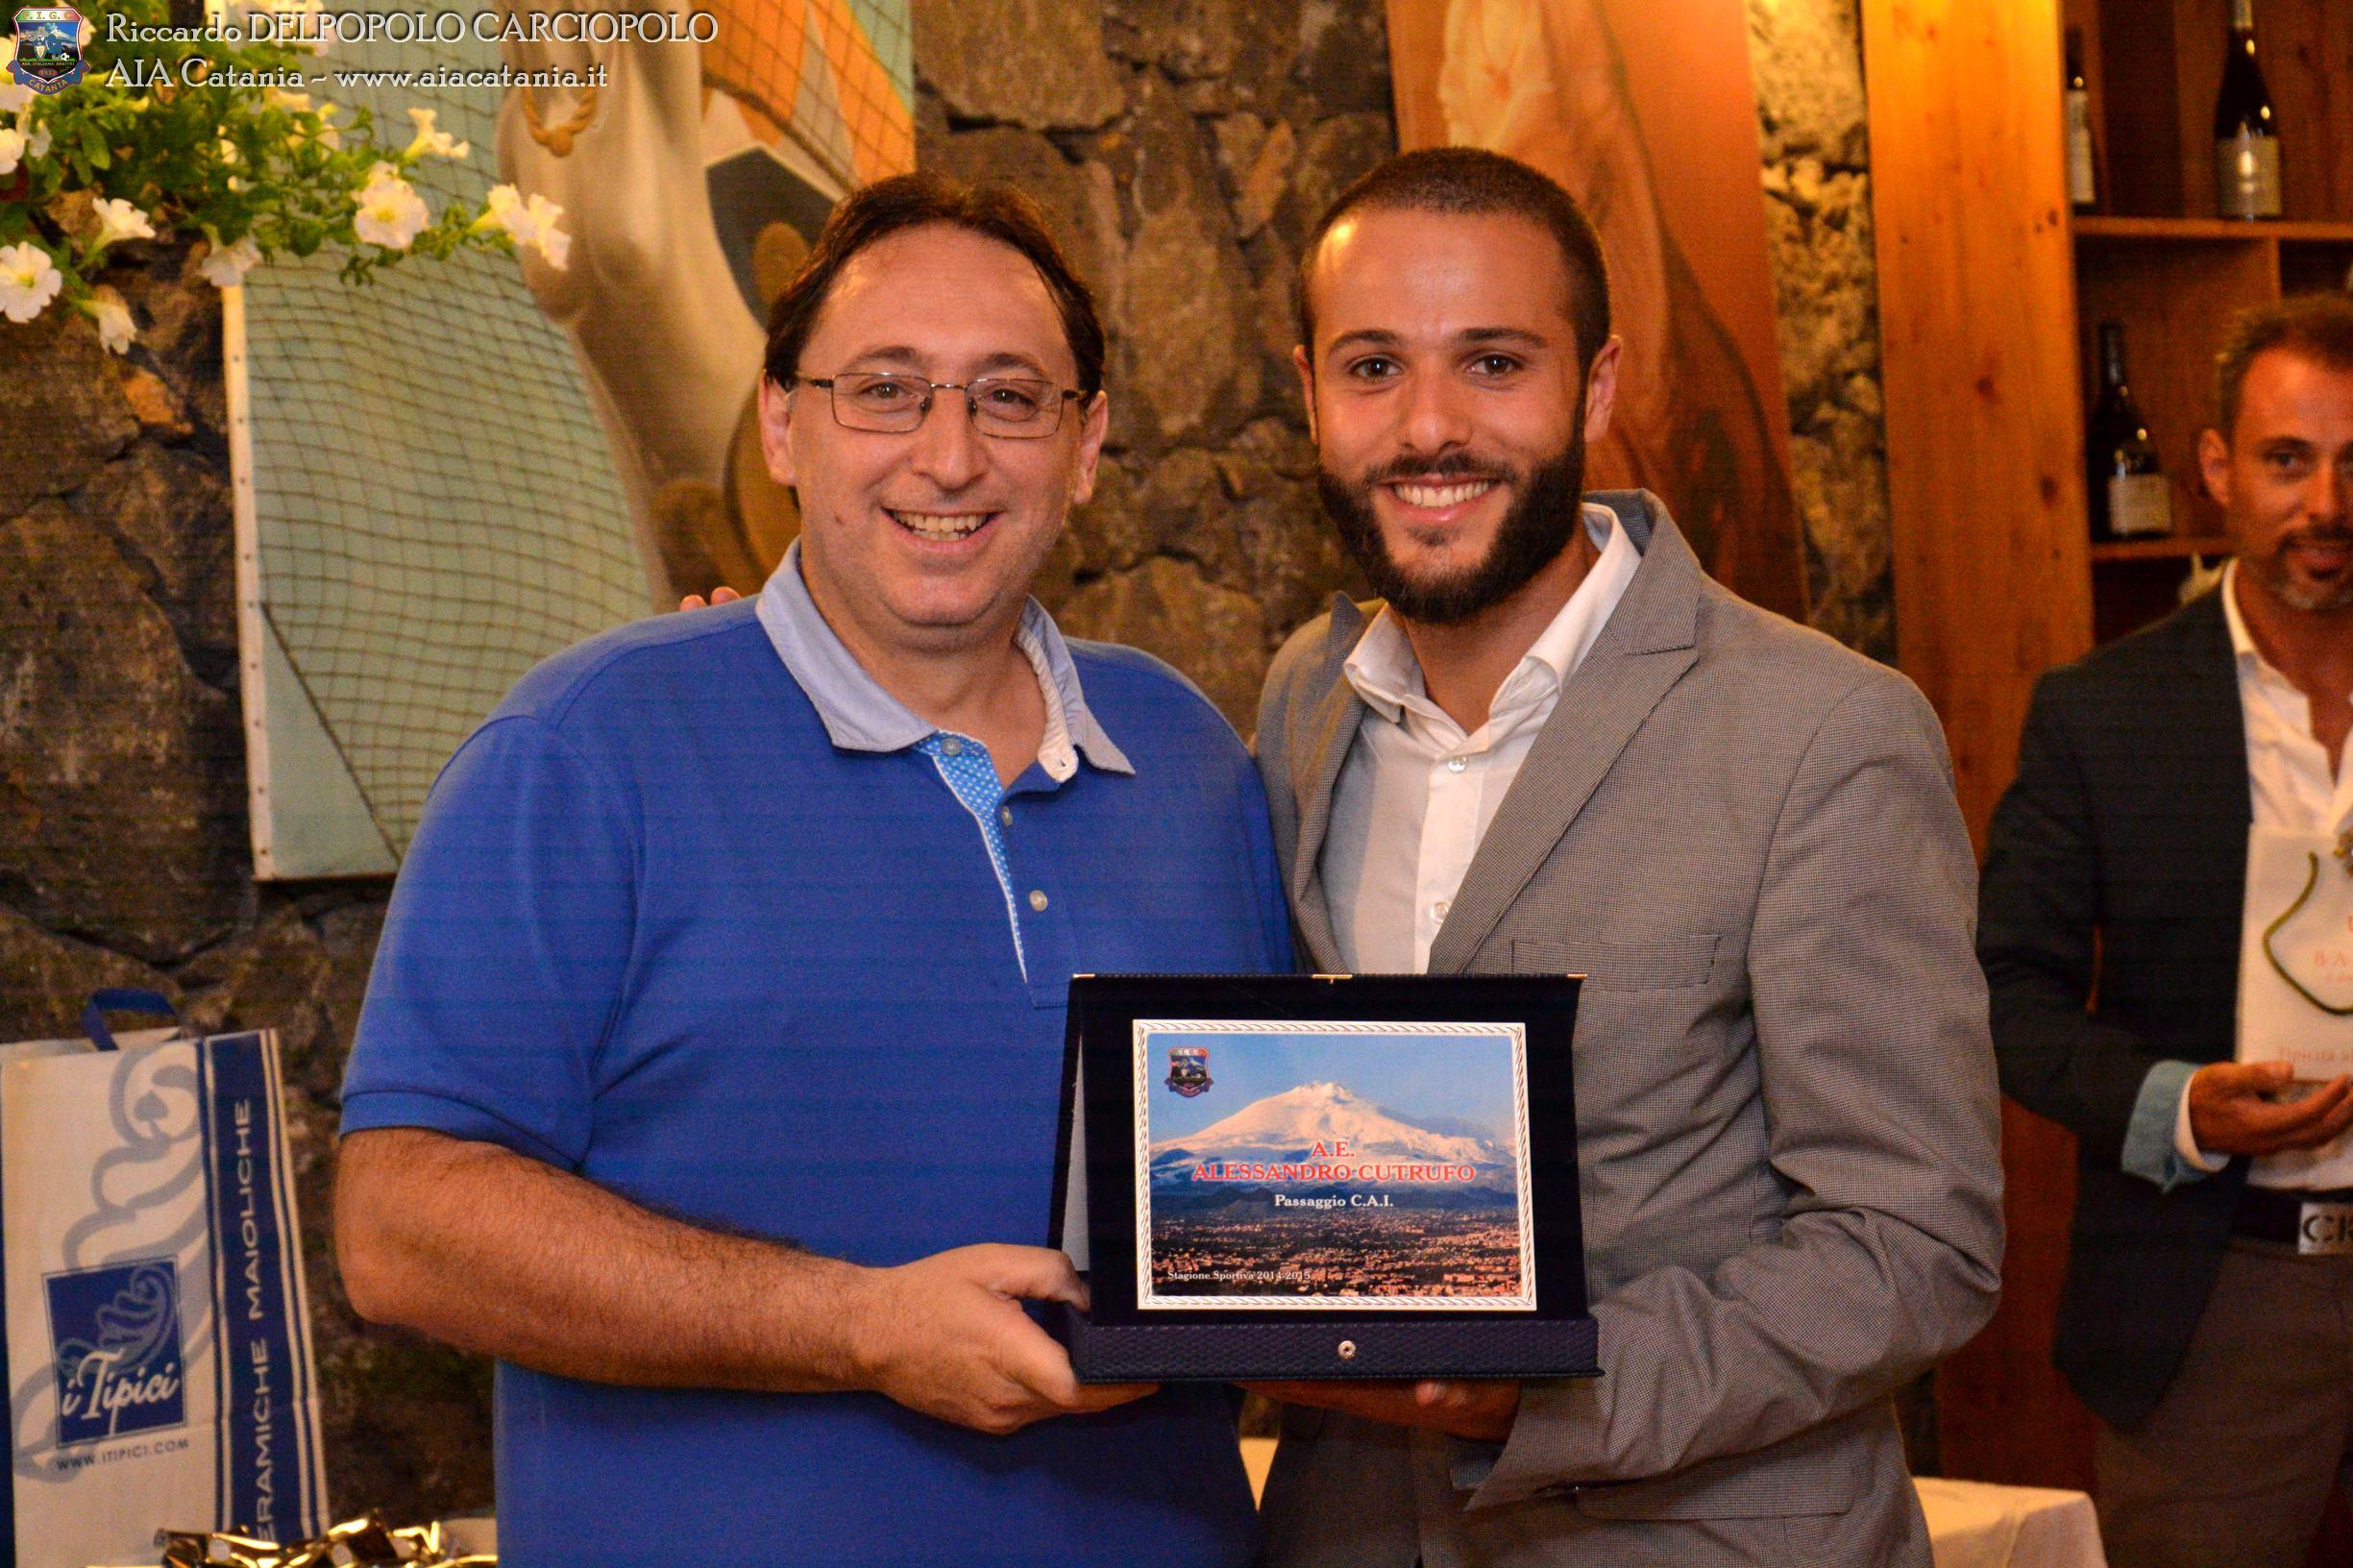 A.E. Alessandro CUTRUFO premiato per il transito C.A.I. da Salvatore OCCHIPINTI, componente della Commissione Nazionale C.A.I.